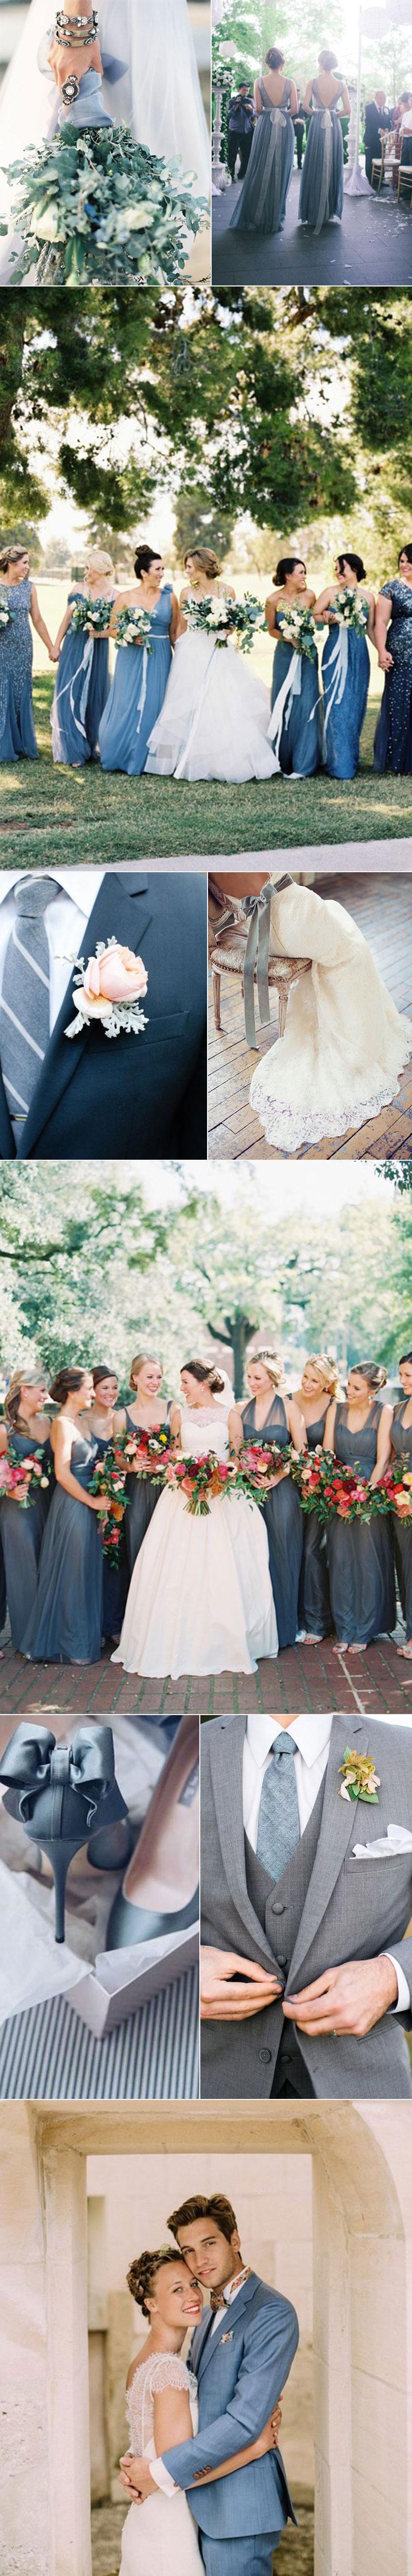 Wedding Inspiration In Slate Blue Wedding Neckties In Slate Blue